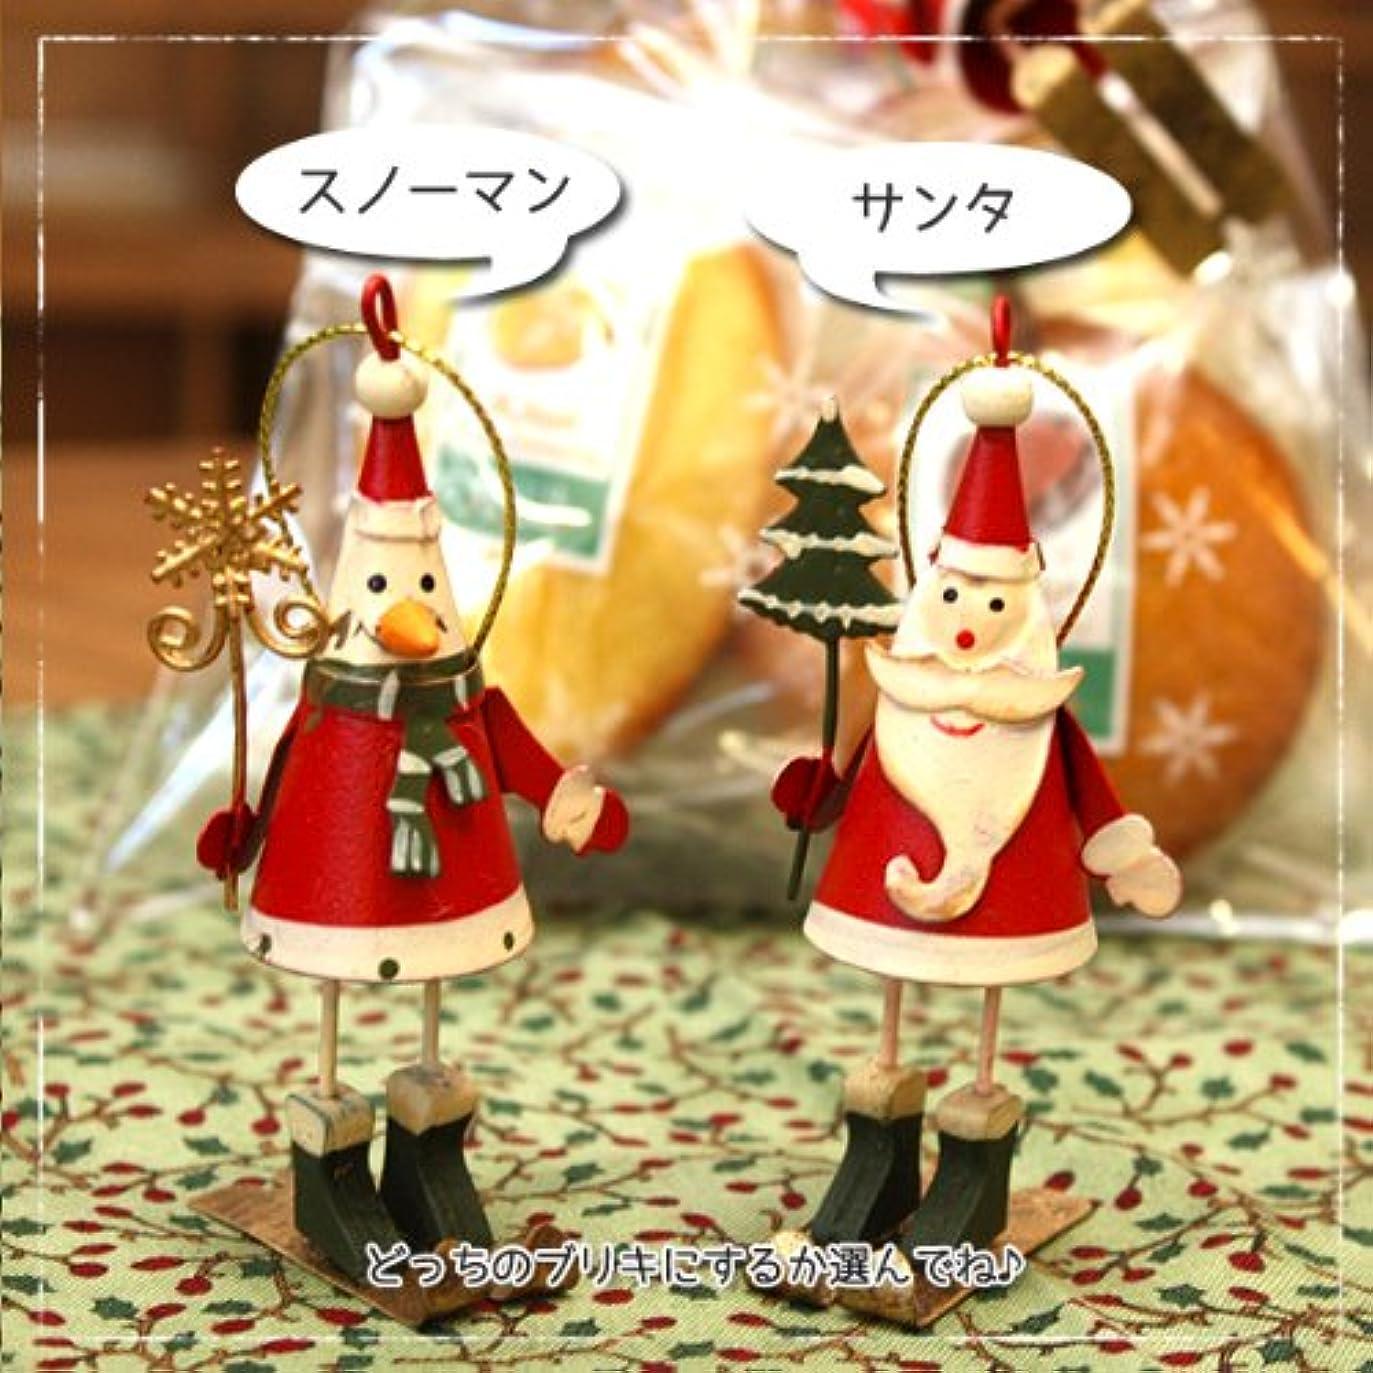 法律により状態シャッター可愛いサンタorスノーマンのブリキ&季節の焼き菓子のクリスマスギフトバッグ (スノーマン)